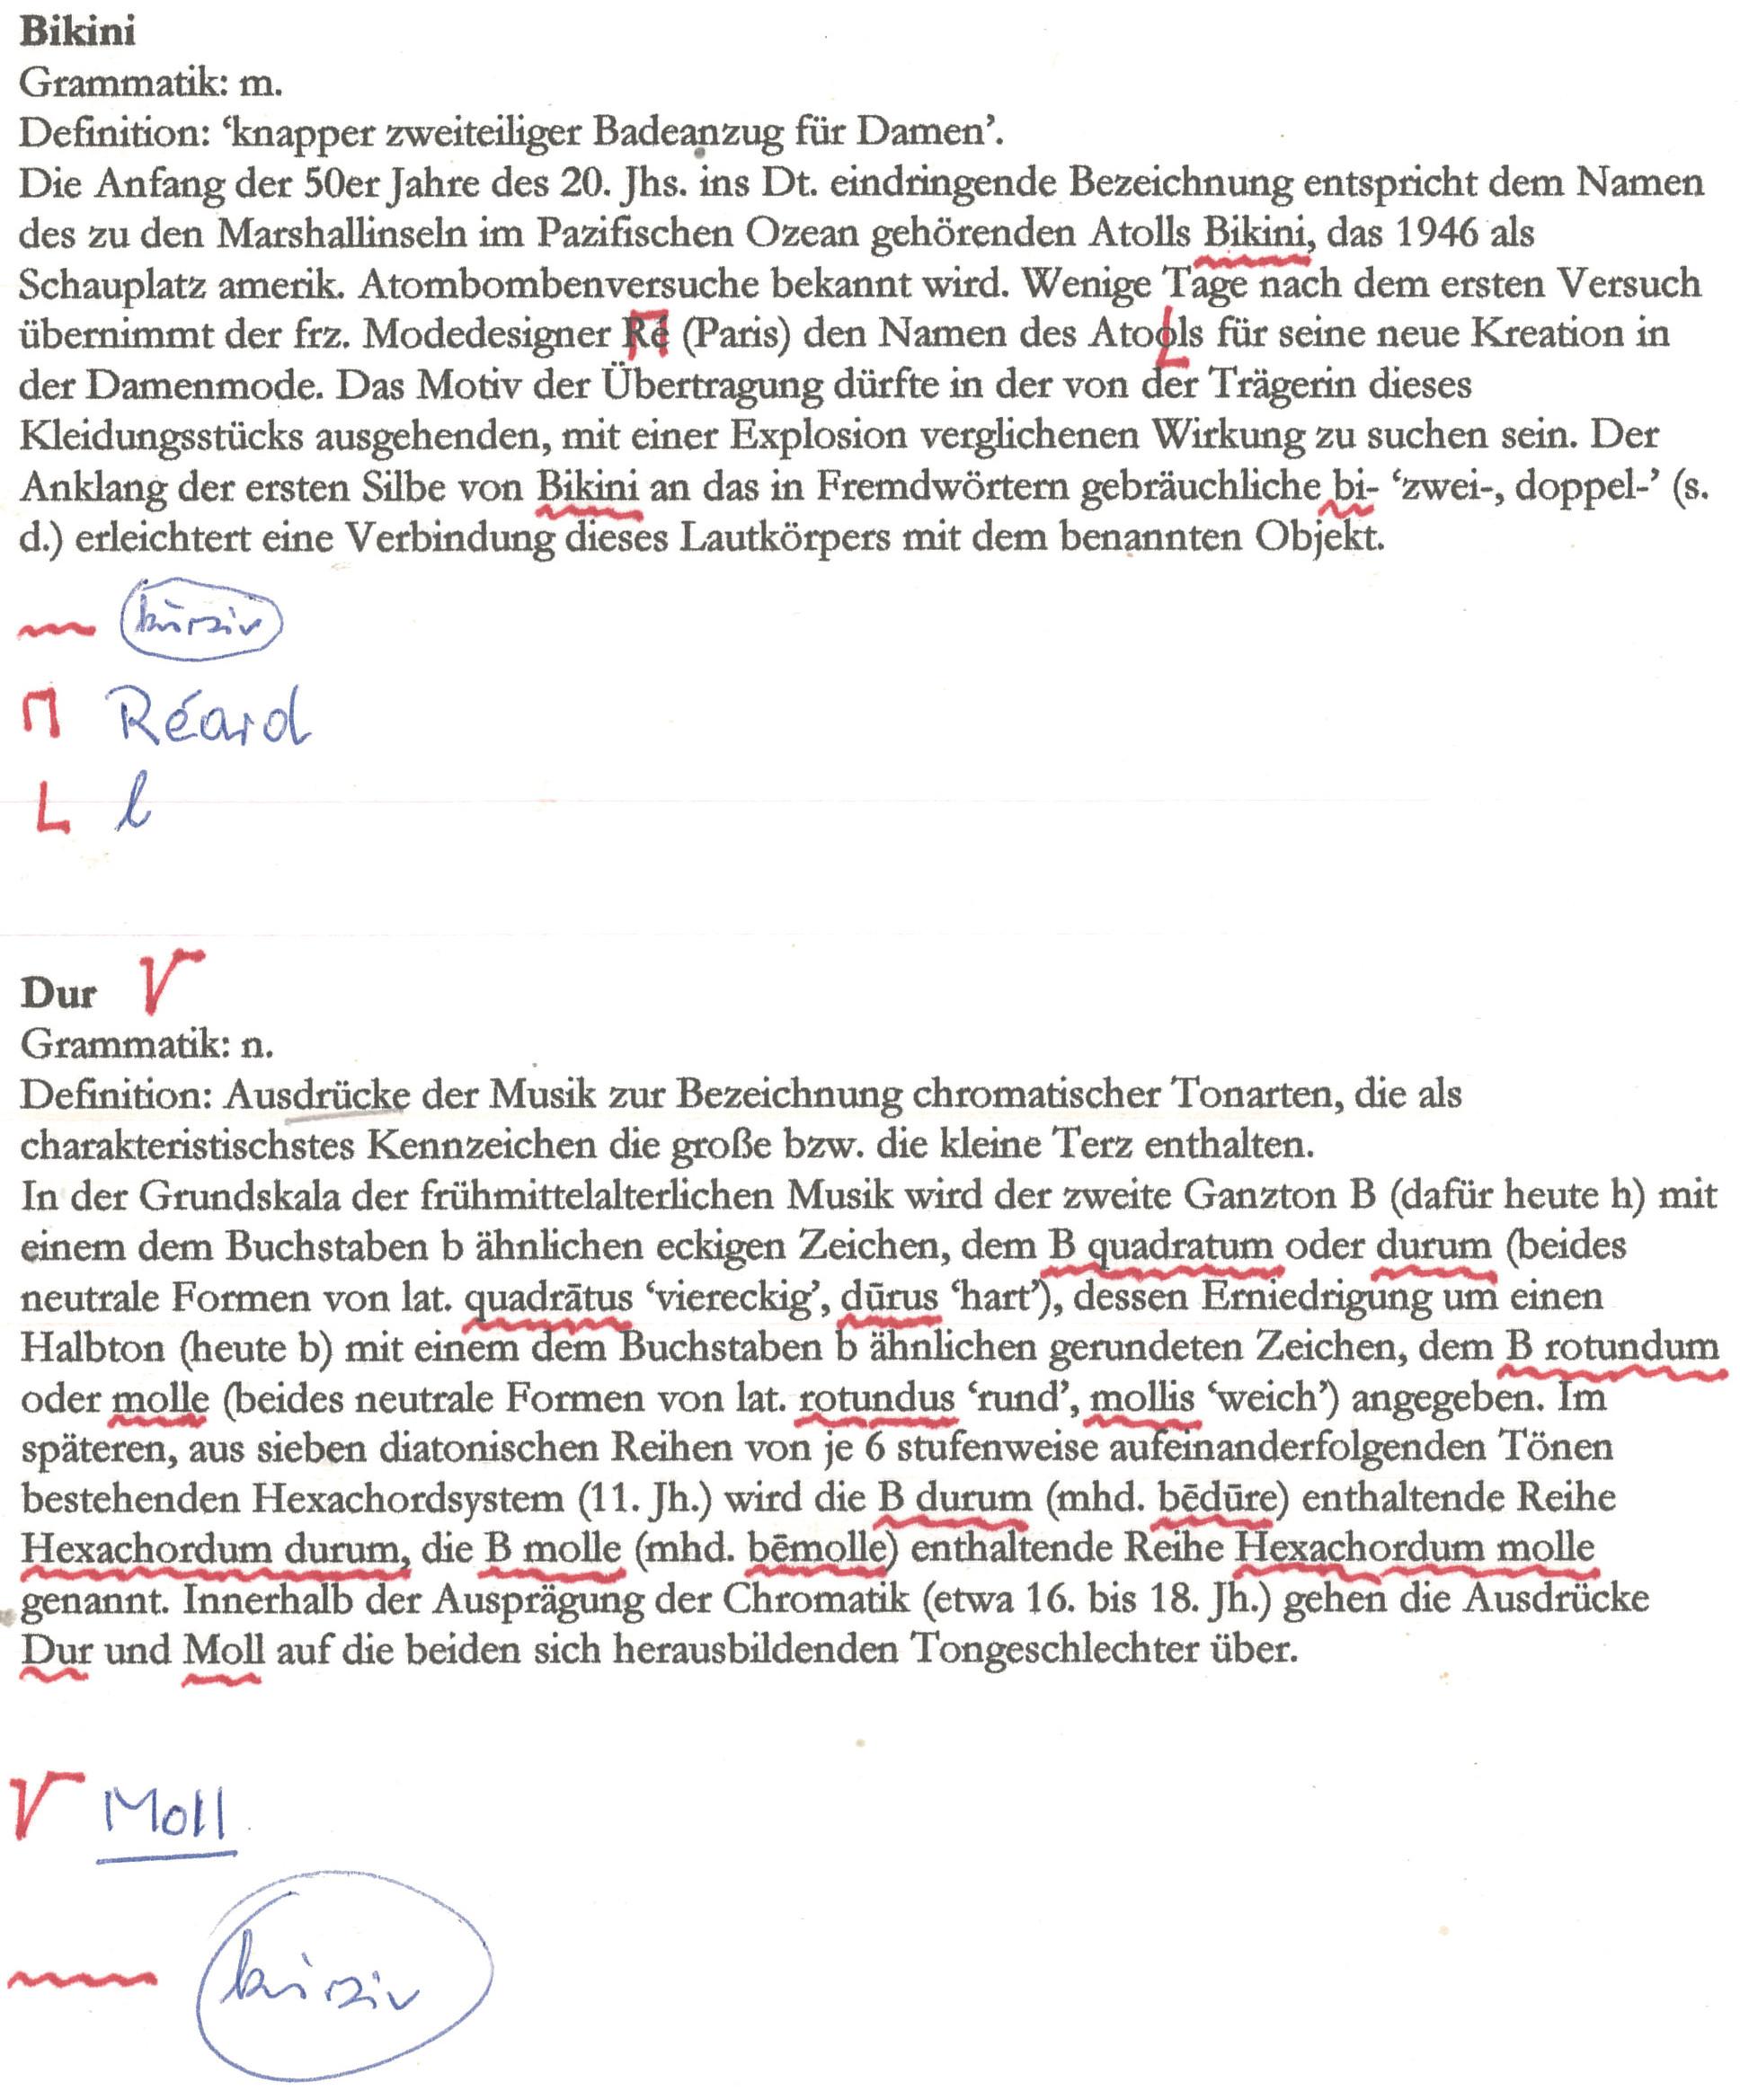 """Korrekturfahne von Wolfgang Pfeifers Hand zu den Artikel """"Bikini"""" und """"Dur"""""""